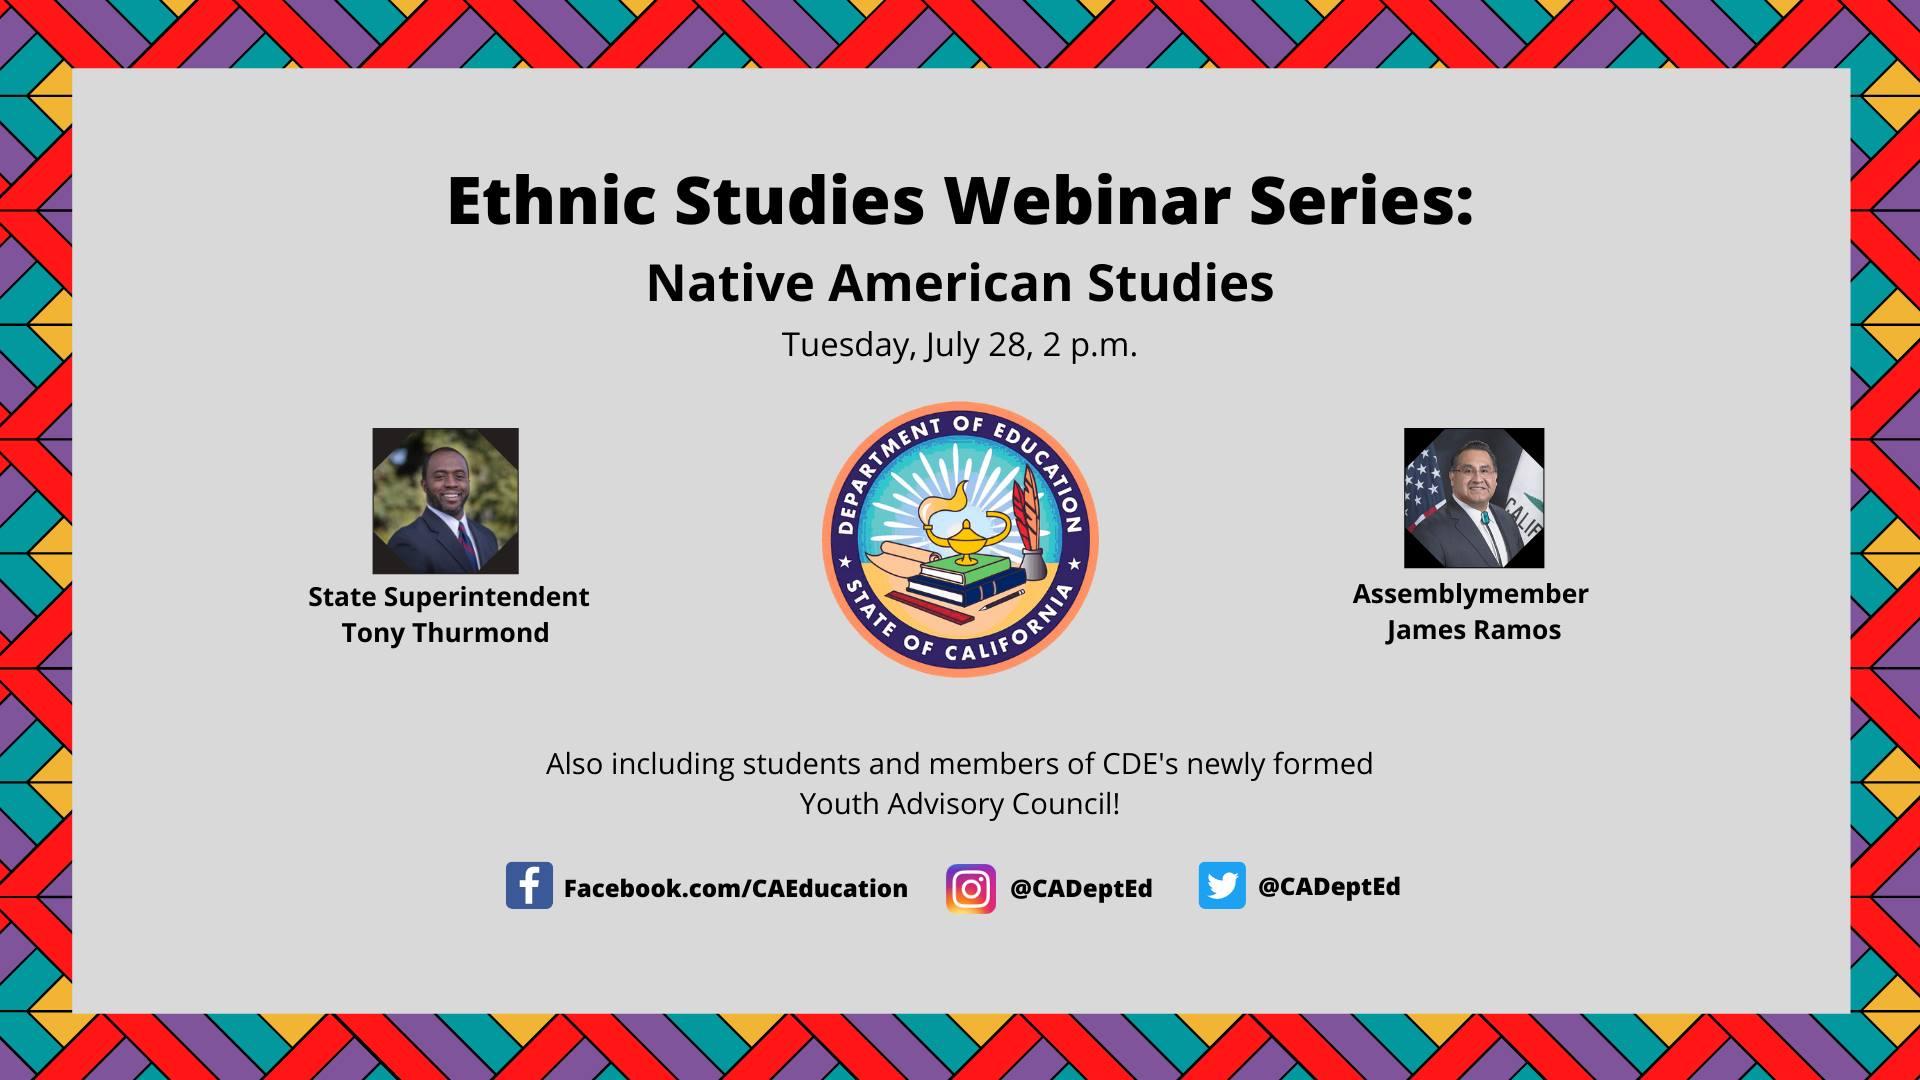 Ethnic Studies Webinar Series: Native American Studies